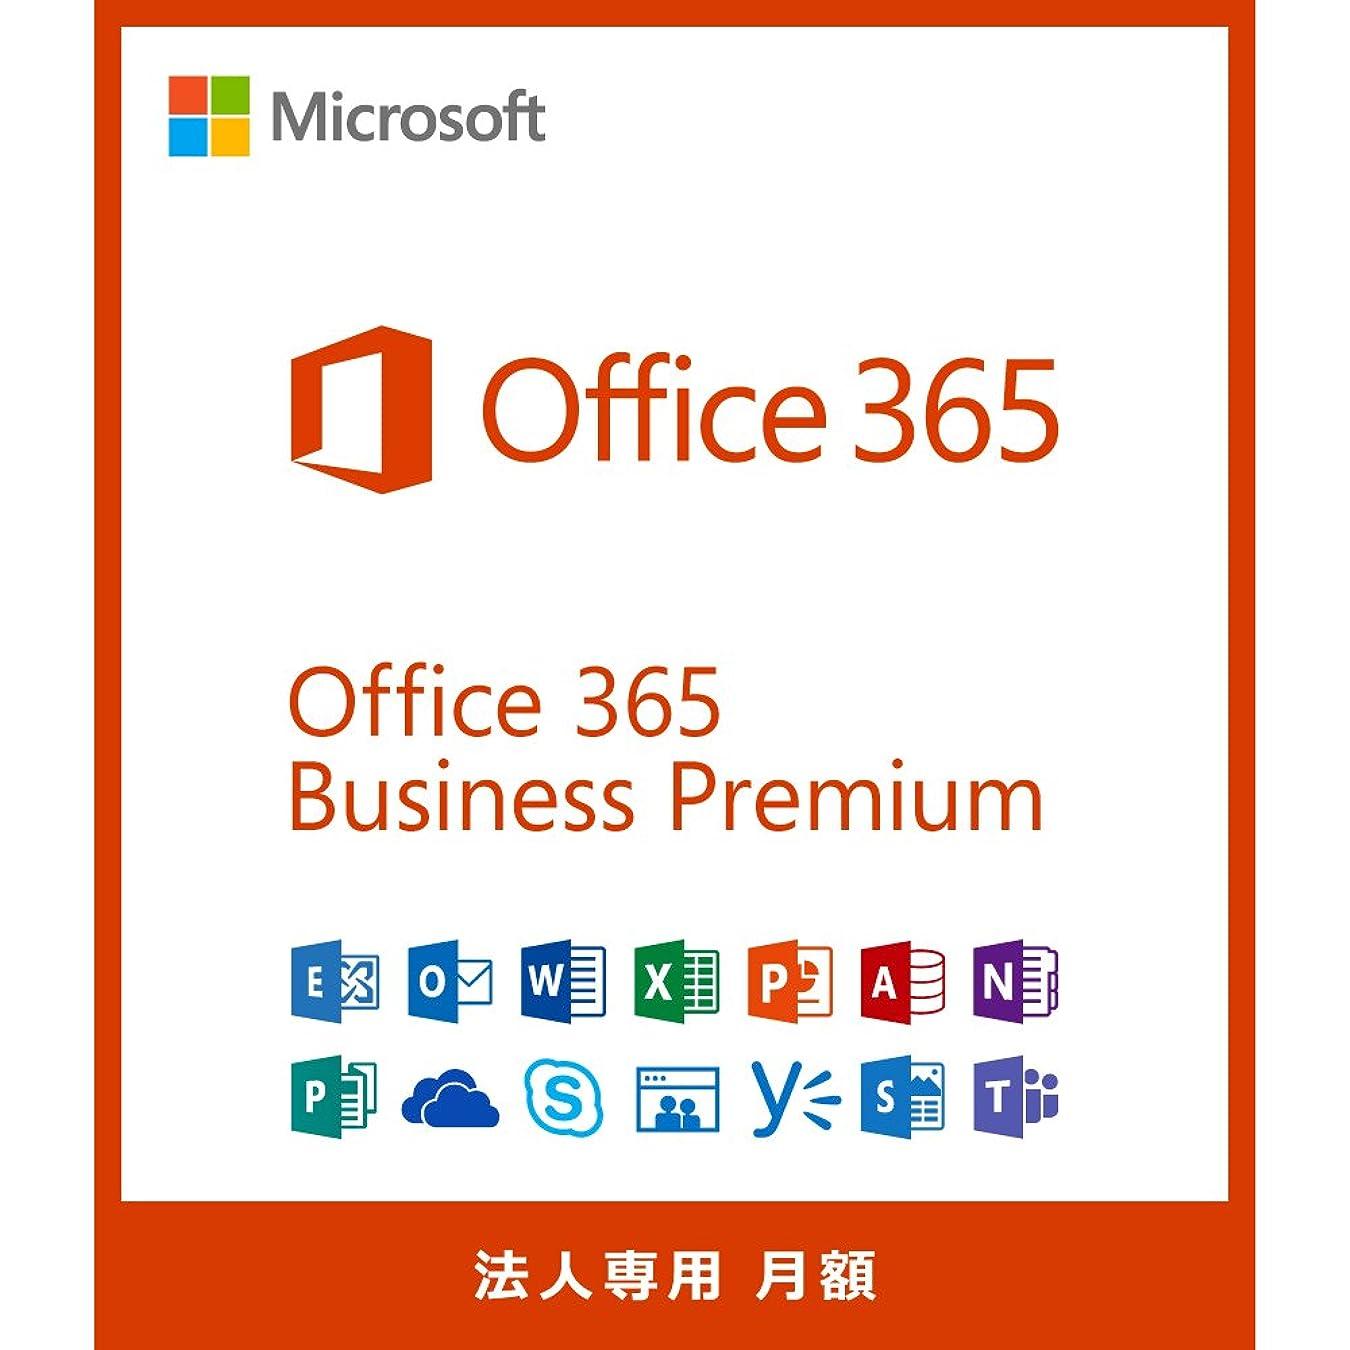 スリンクポケット始める[法人専用] Office 365 Business Premium | 月額版 | 購入後サポート付き | サブスクリプション (定期購入)